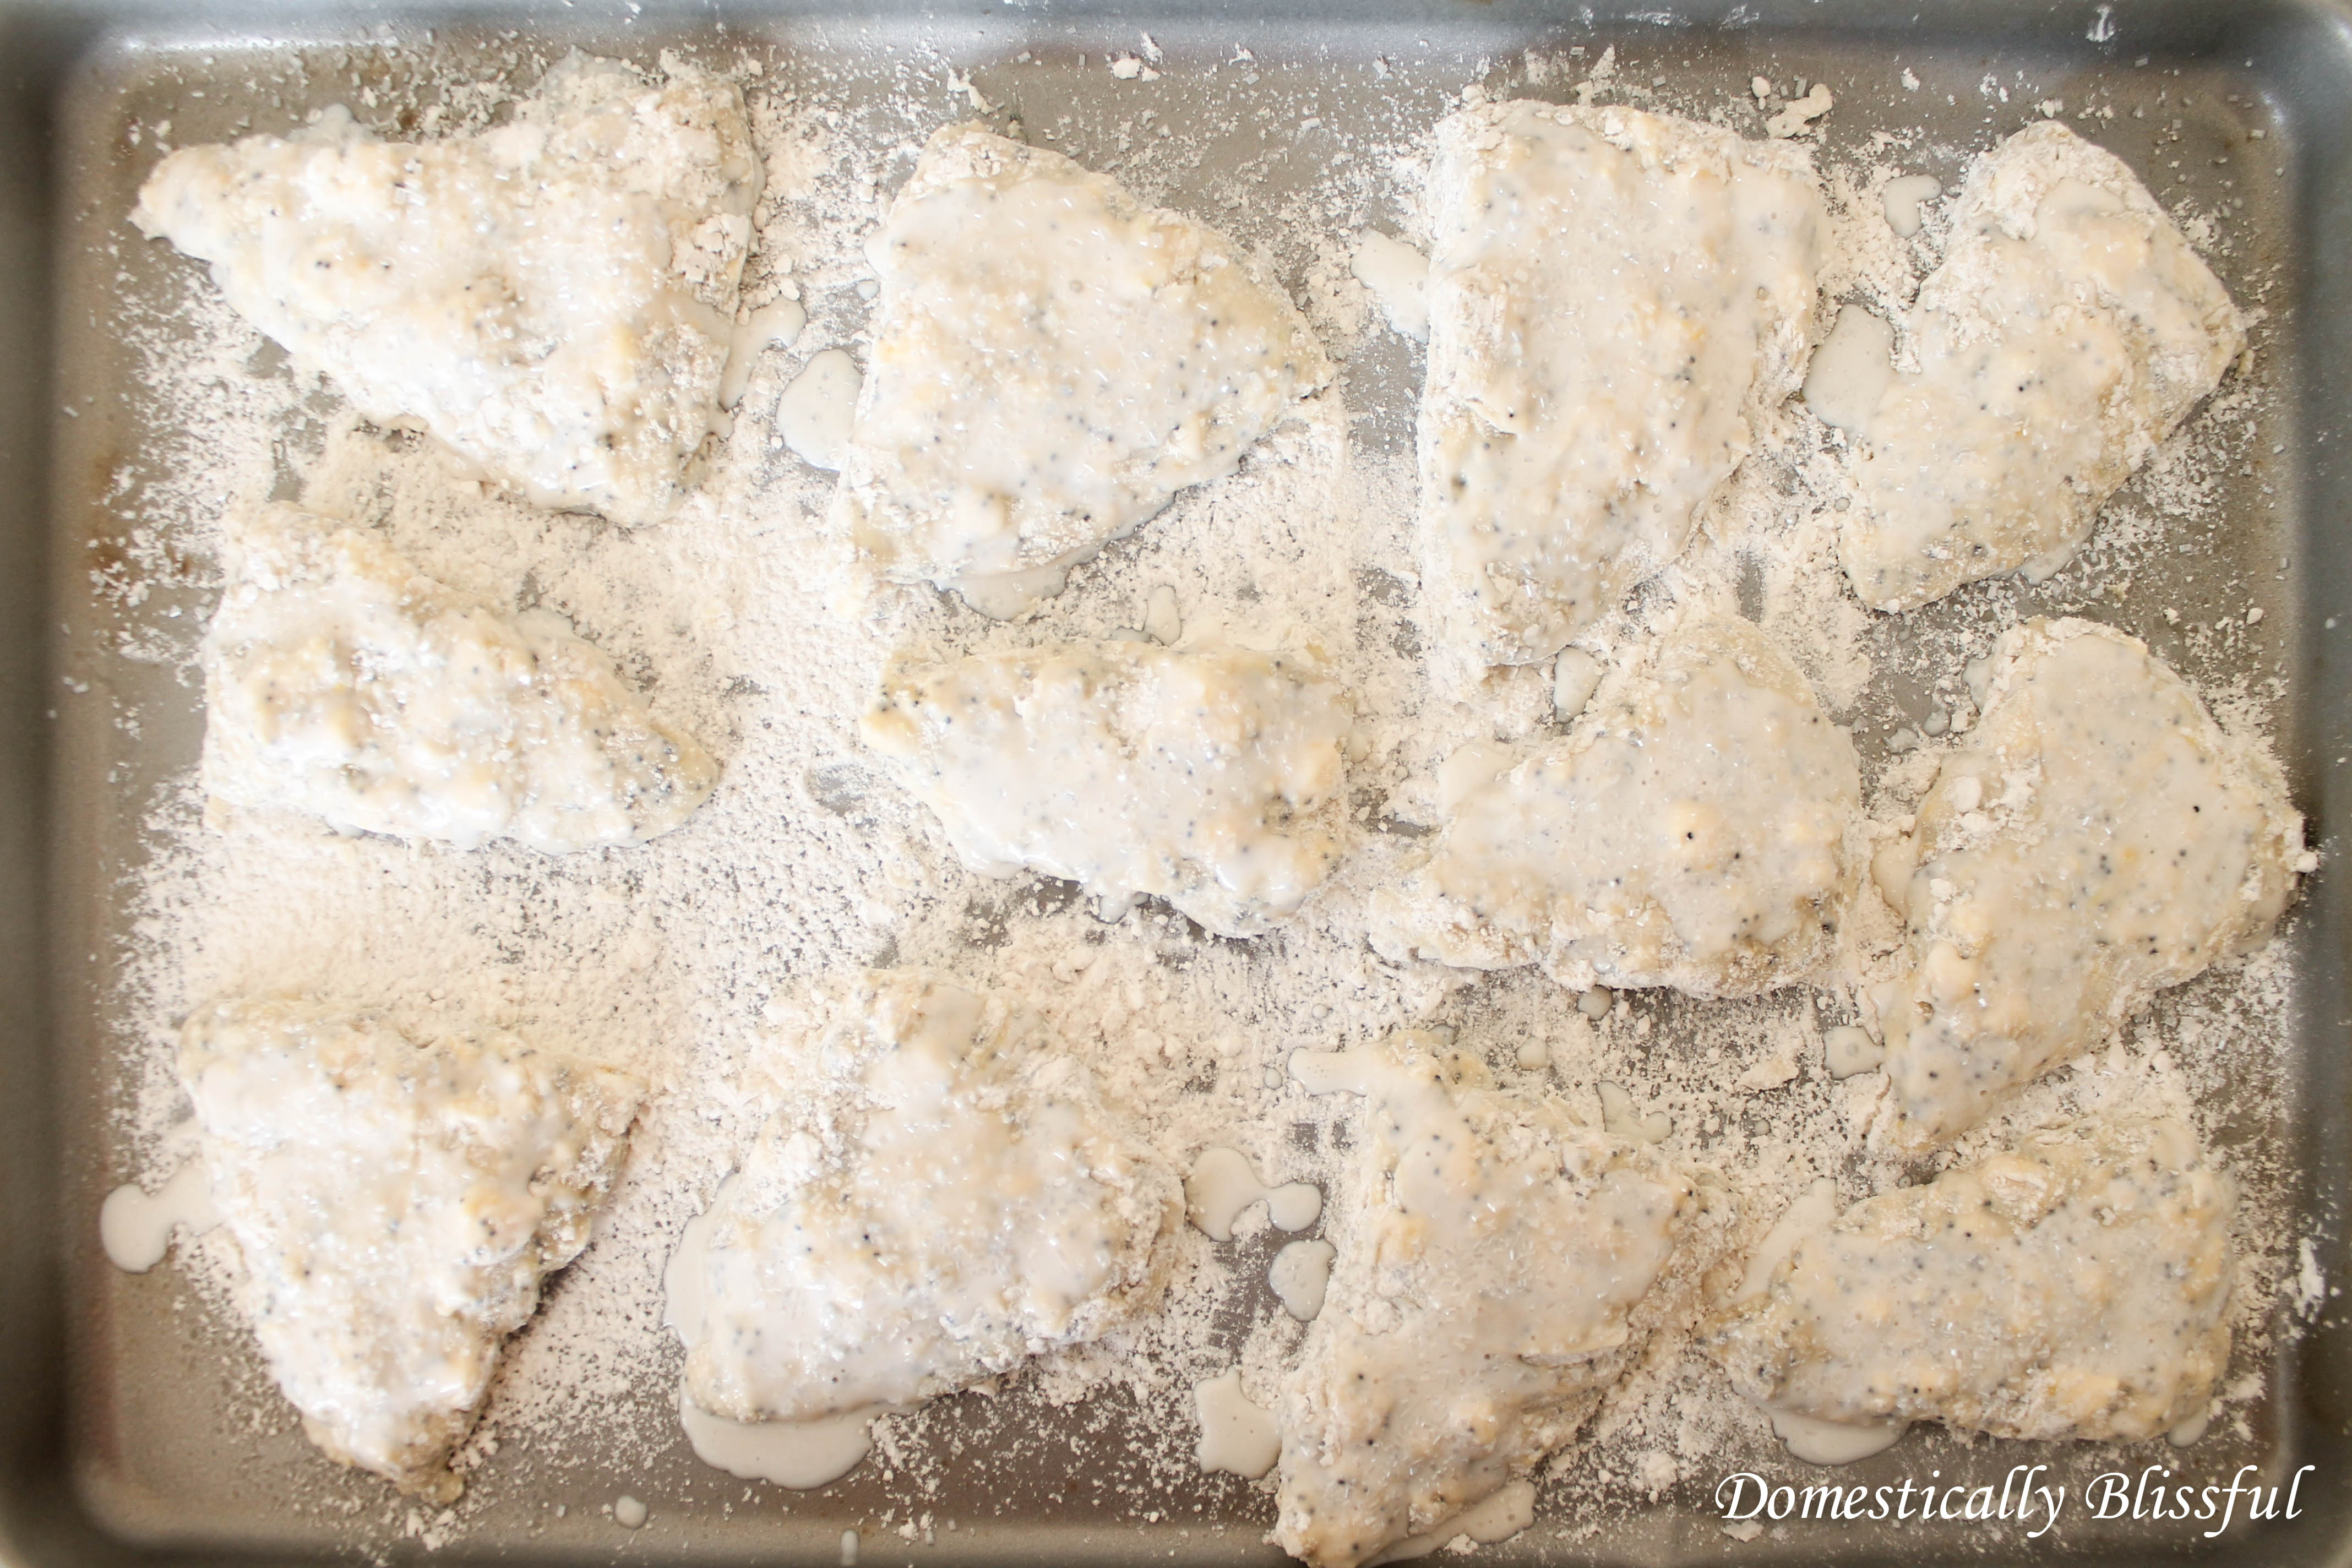 French Vanilla Creamer and Crystal Sugar